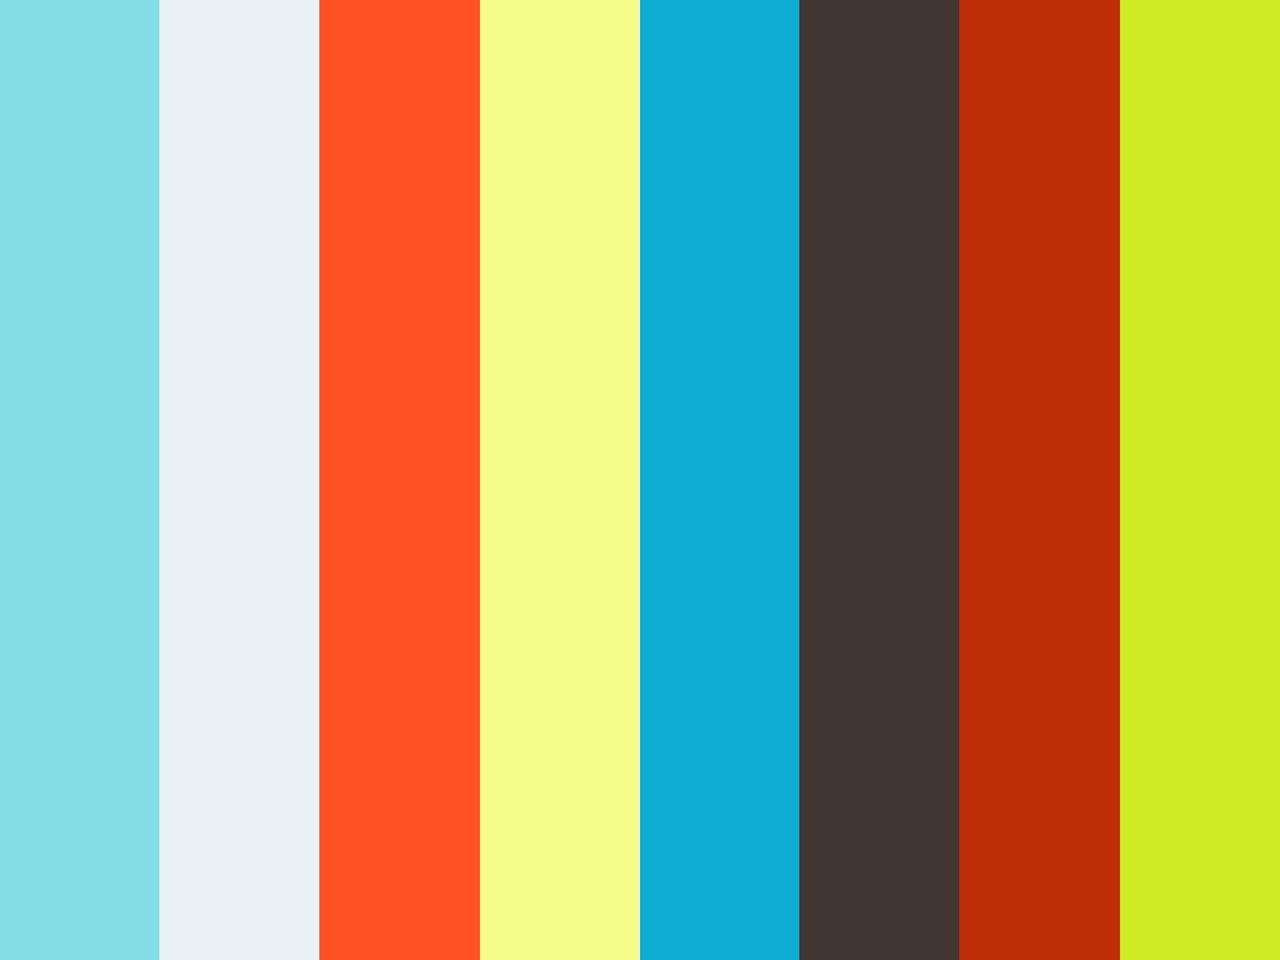 2012-roar-mister-laks 720p